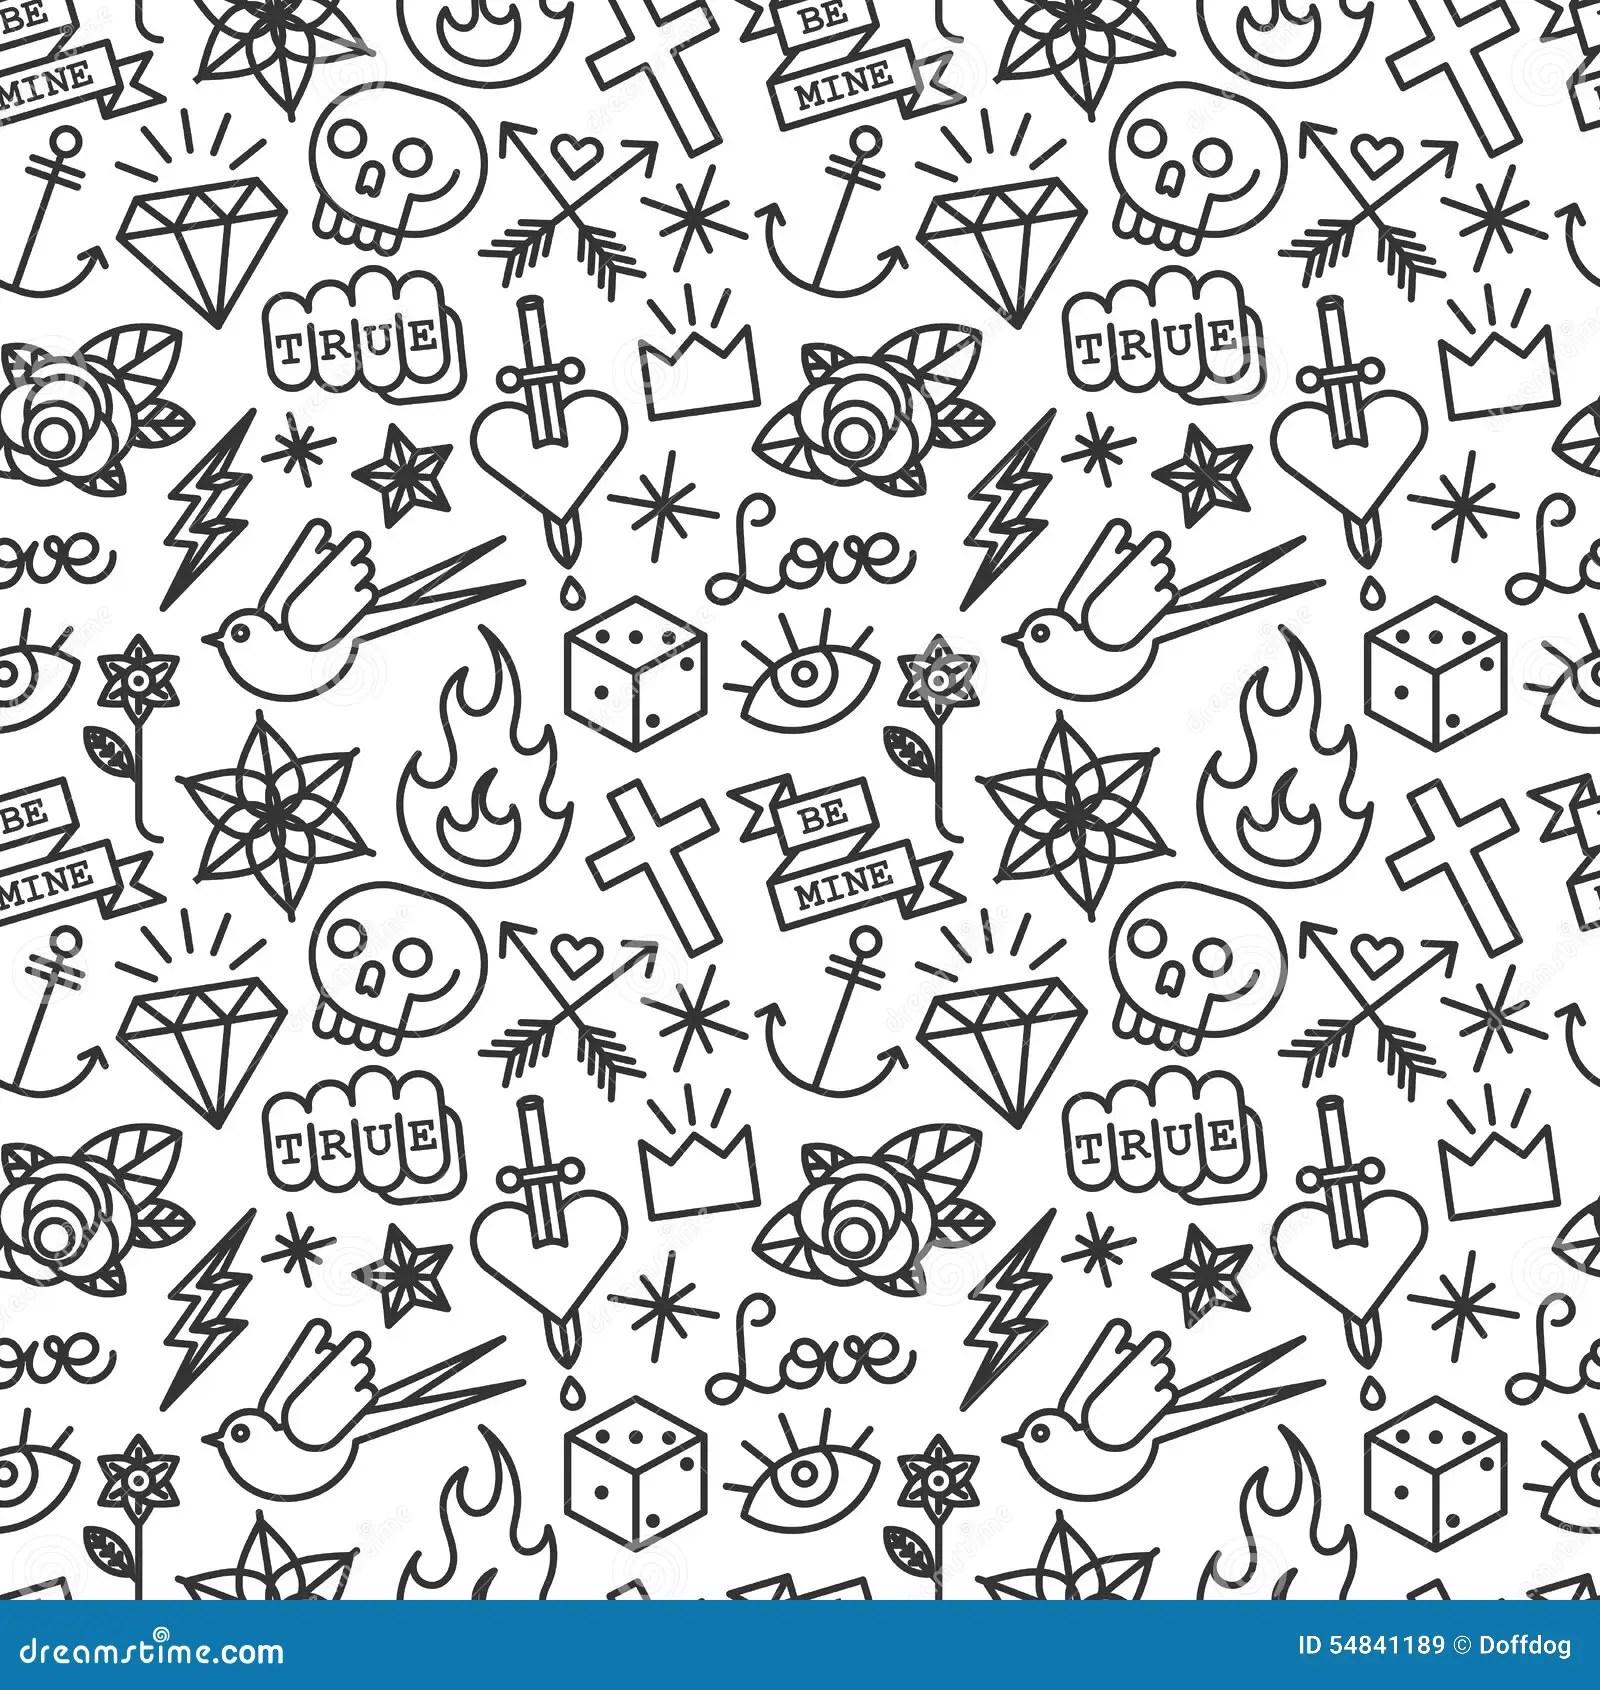 Tattoo seamless pattern stock vector. Illustration of